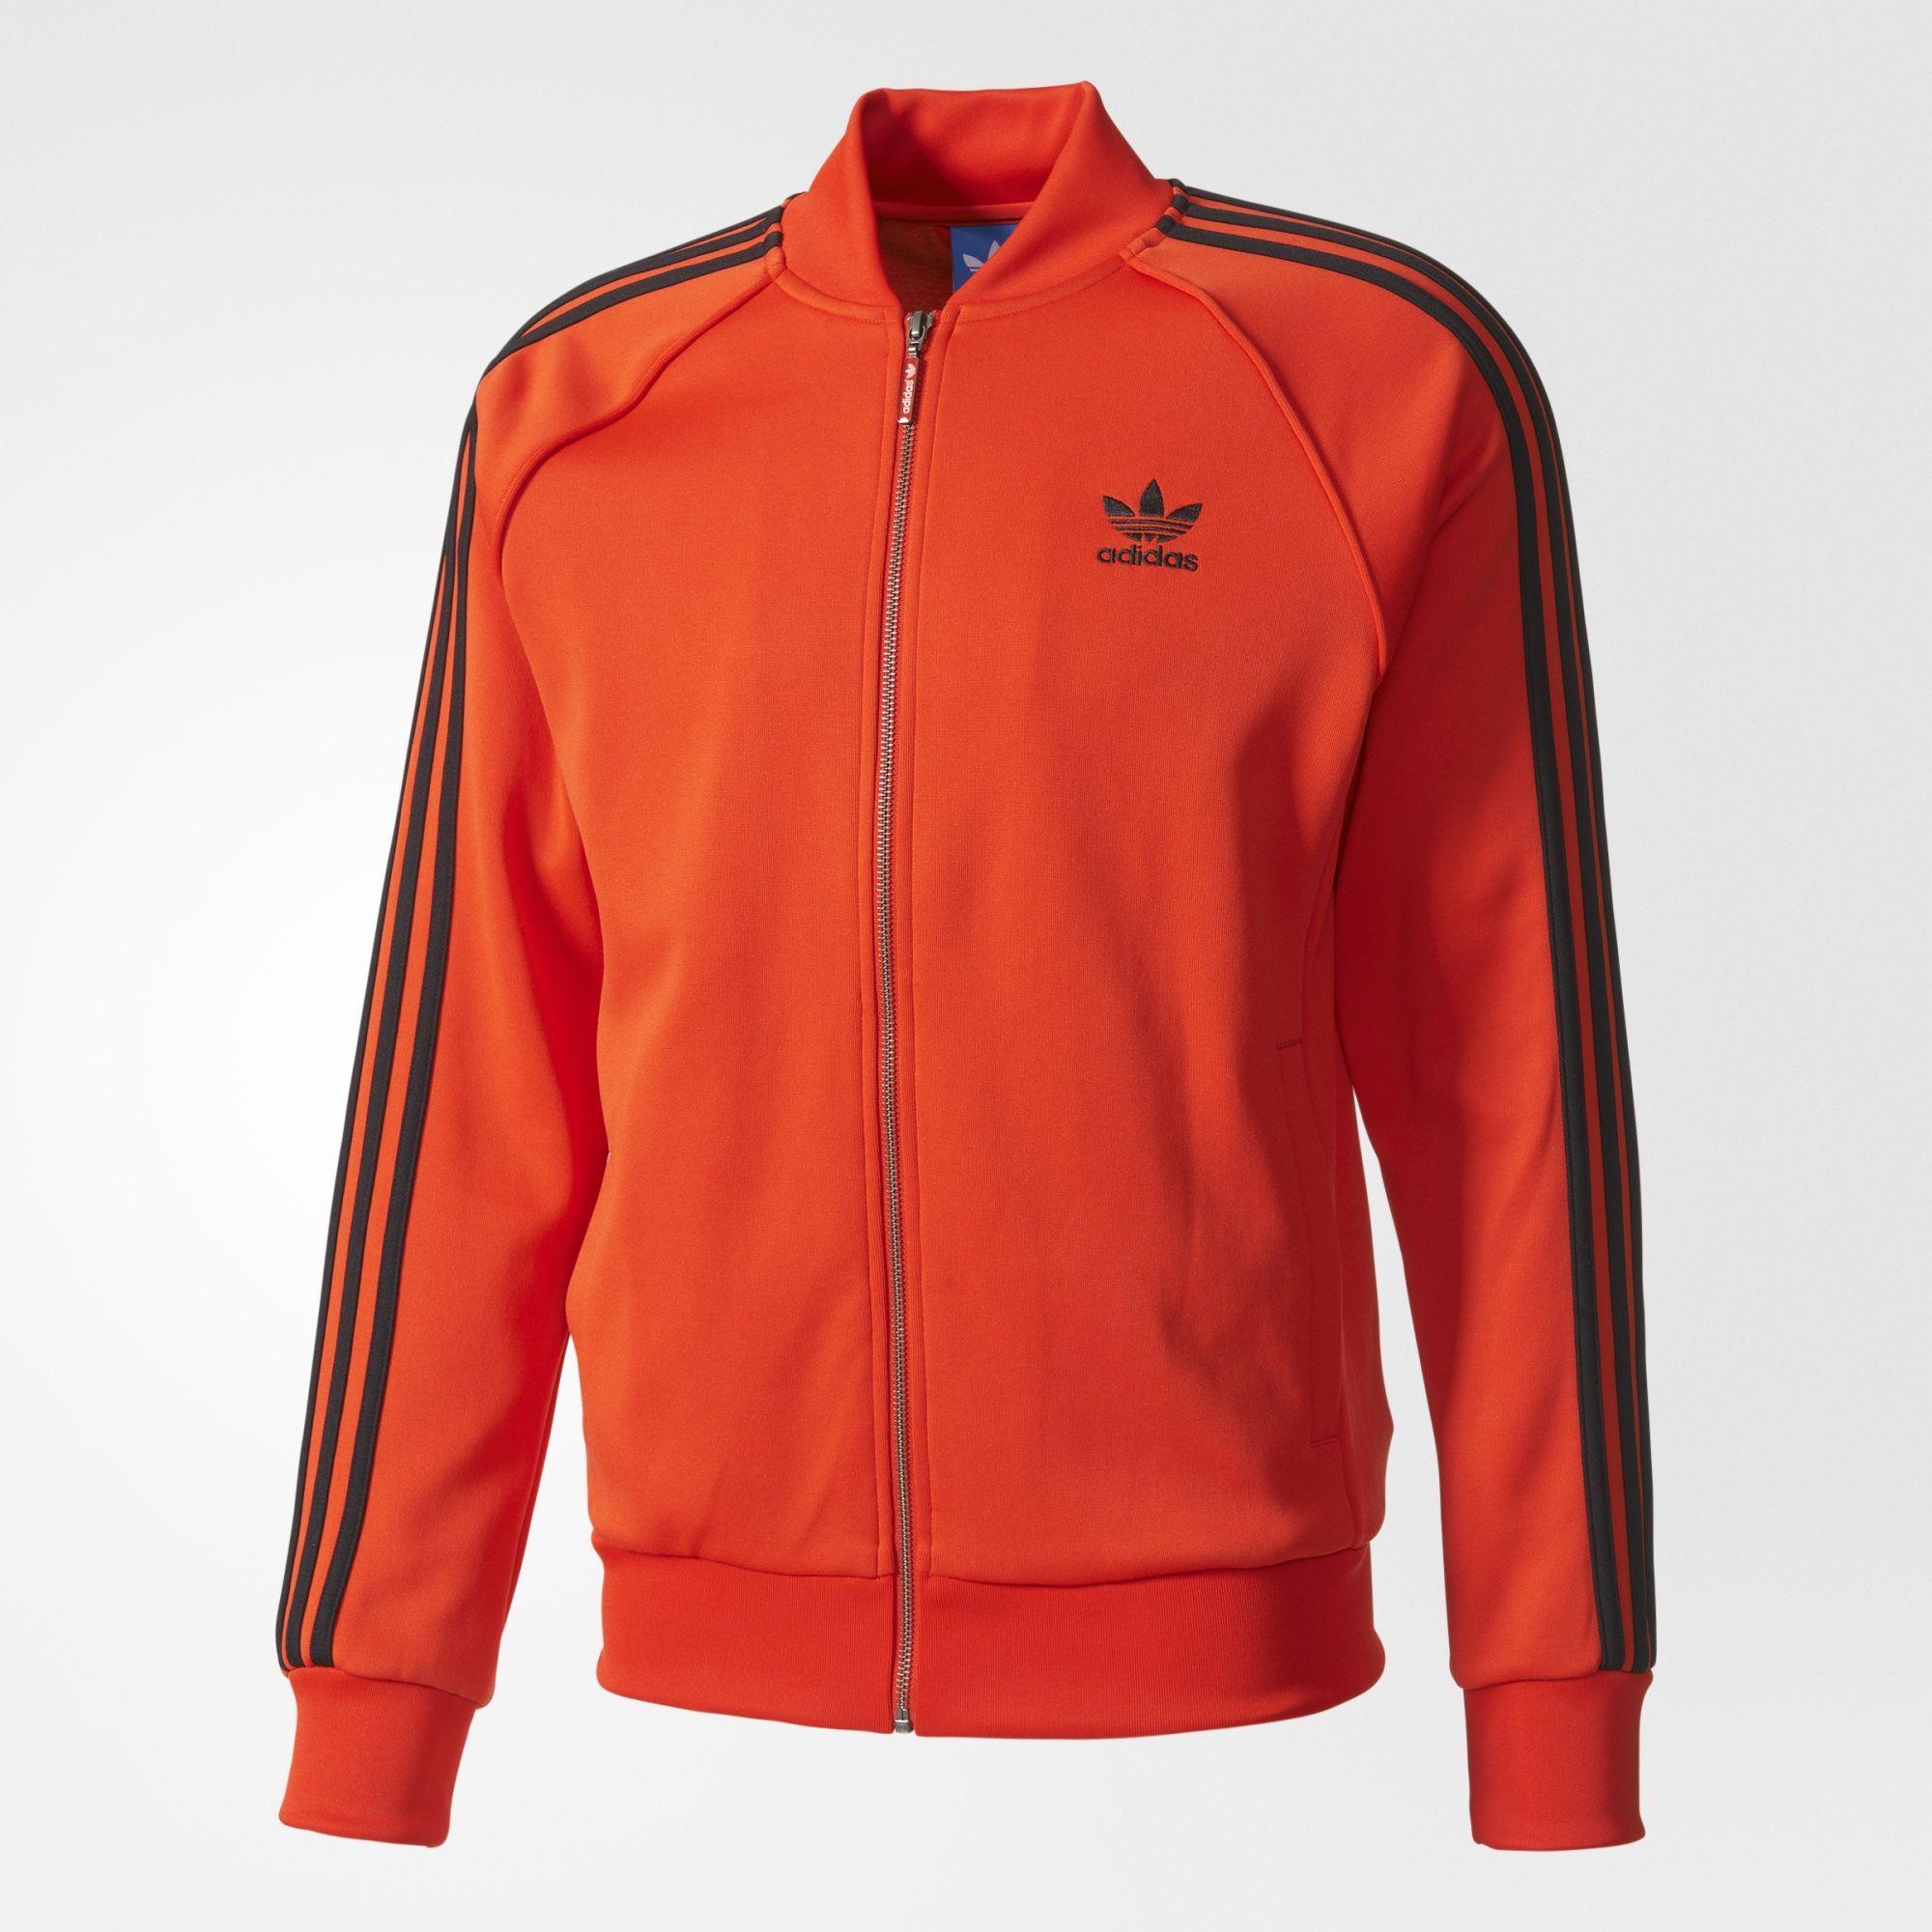 Misionero Inapropiado ganador  adidas - Chaqueta Deportiva Superstar | Adidas chaqueta, Poleras adidas,  Chaqueta deportiva